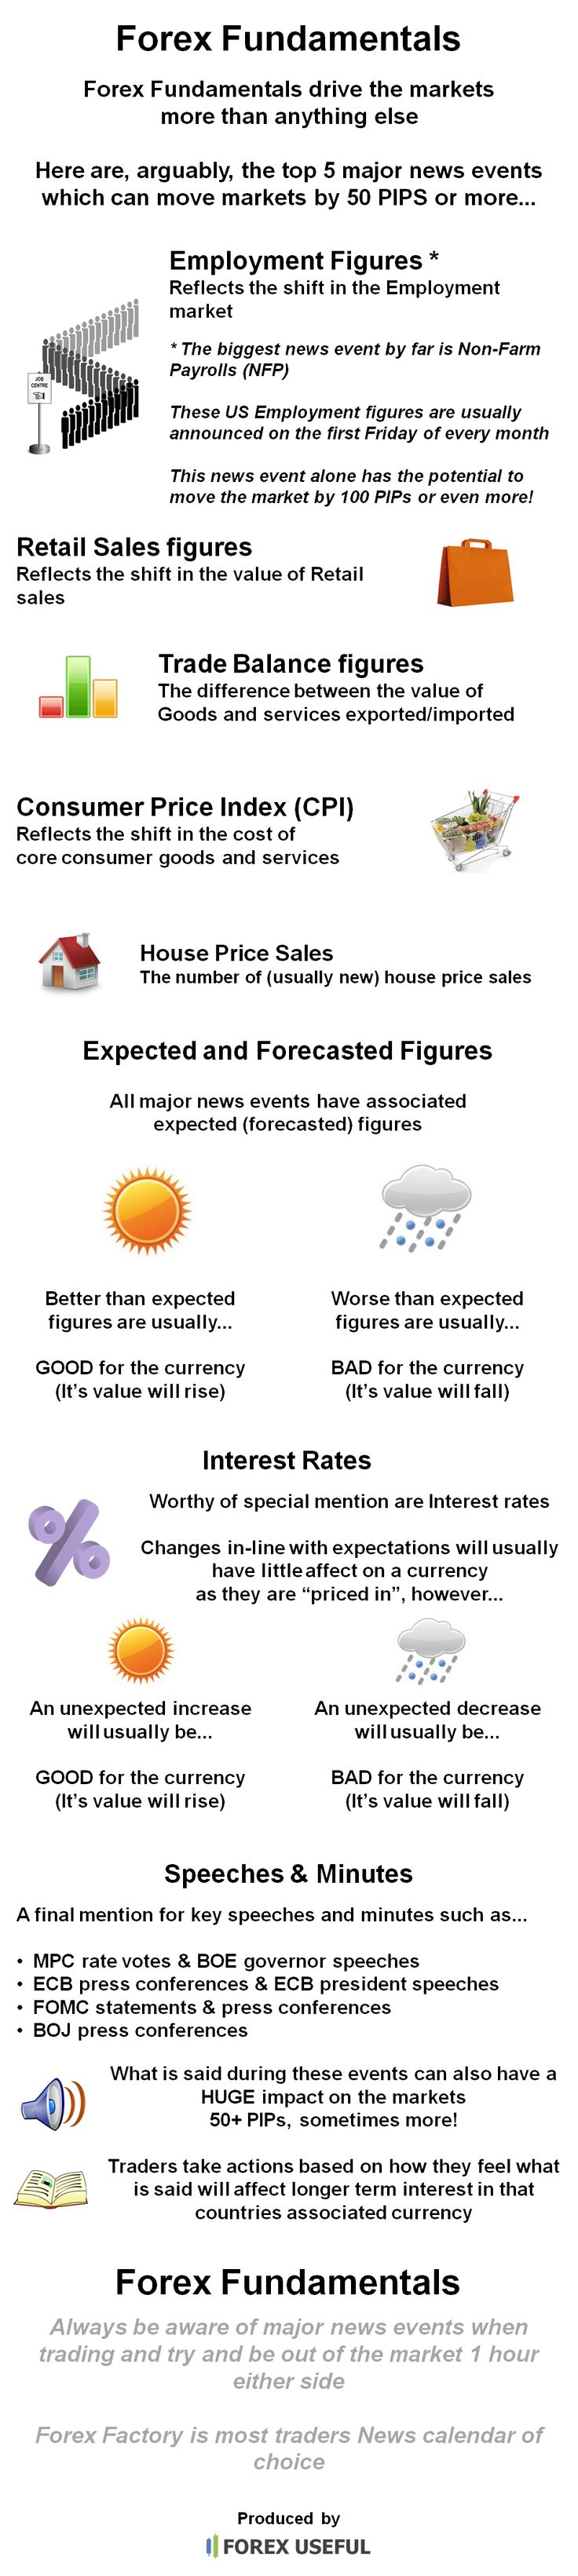 Forex market information